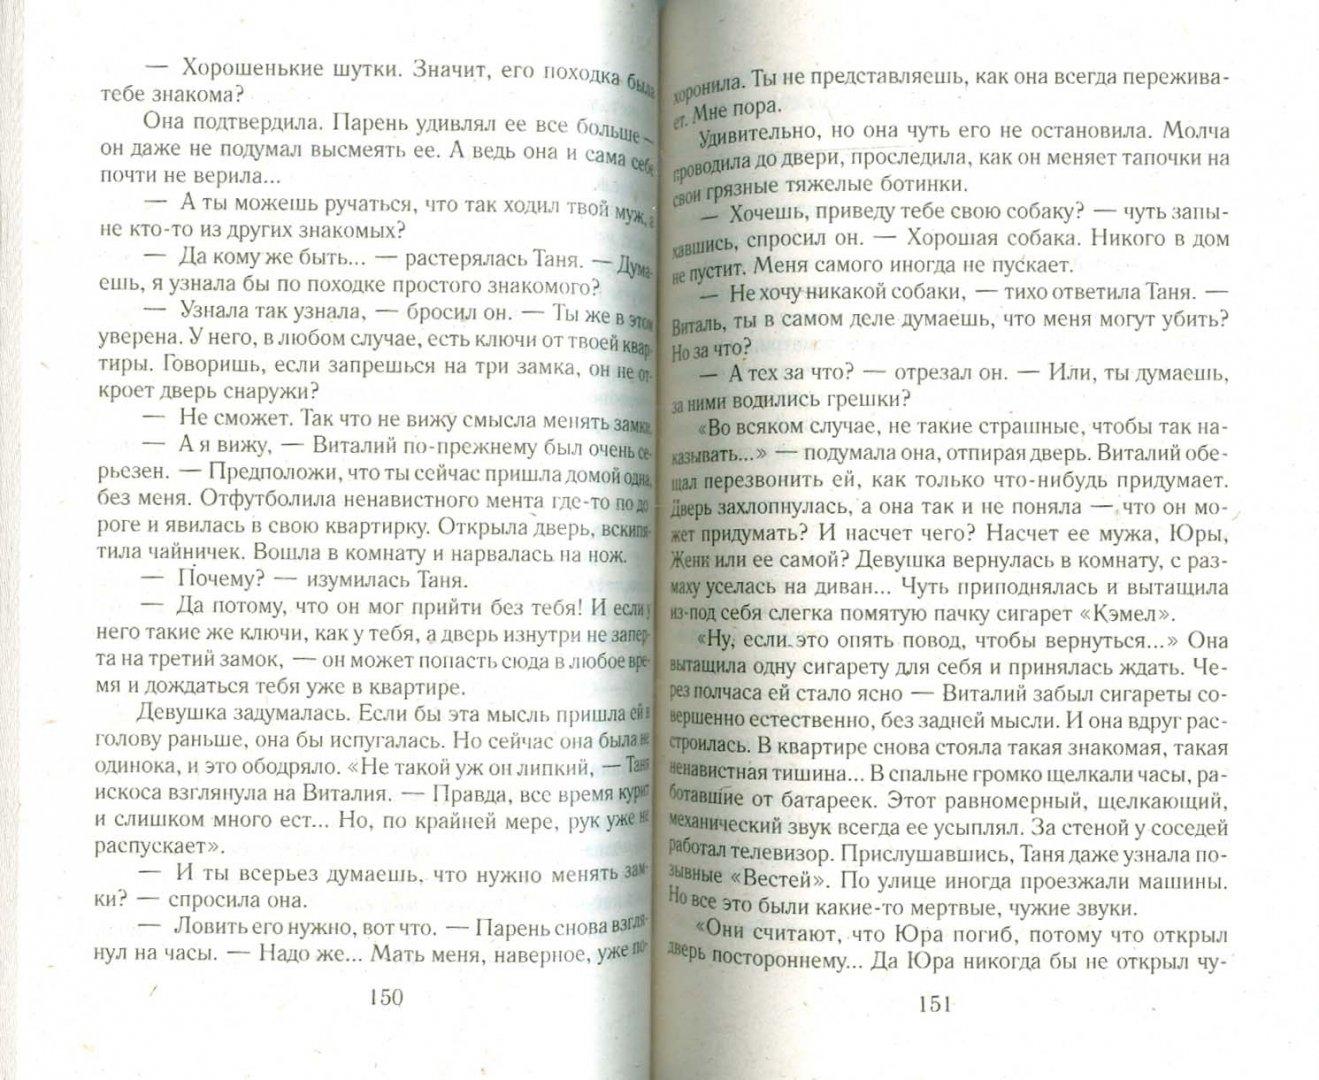 Иллюстрация 1 из 5 для Вкус убийства - Анна Малышева | Лабиринт - книги. Источник: Лабиринт